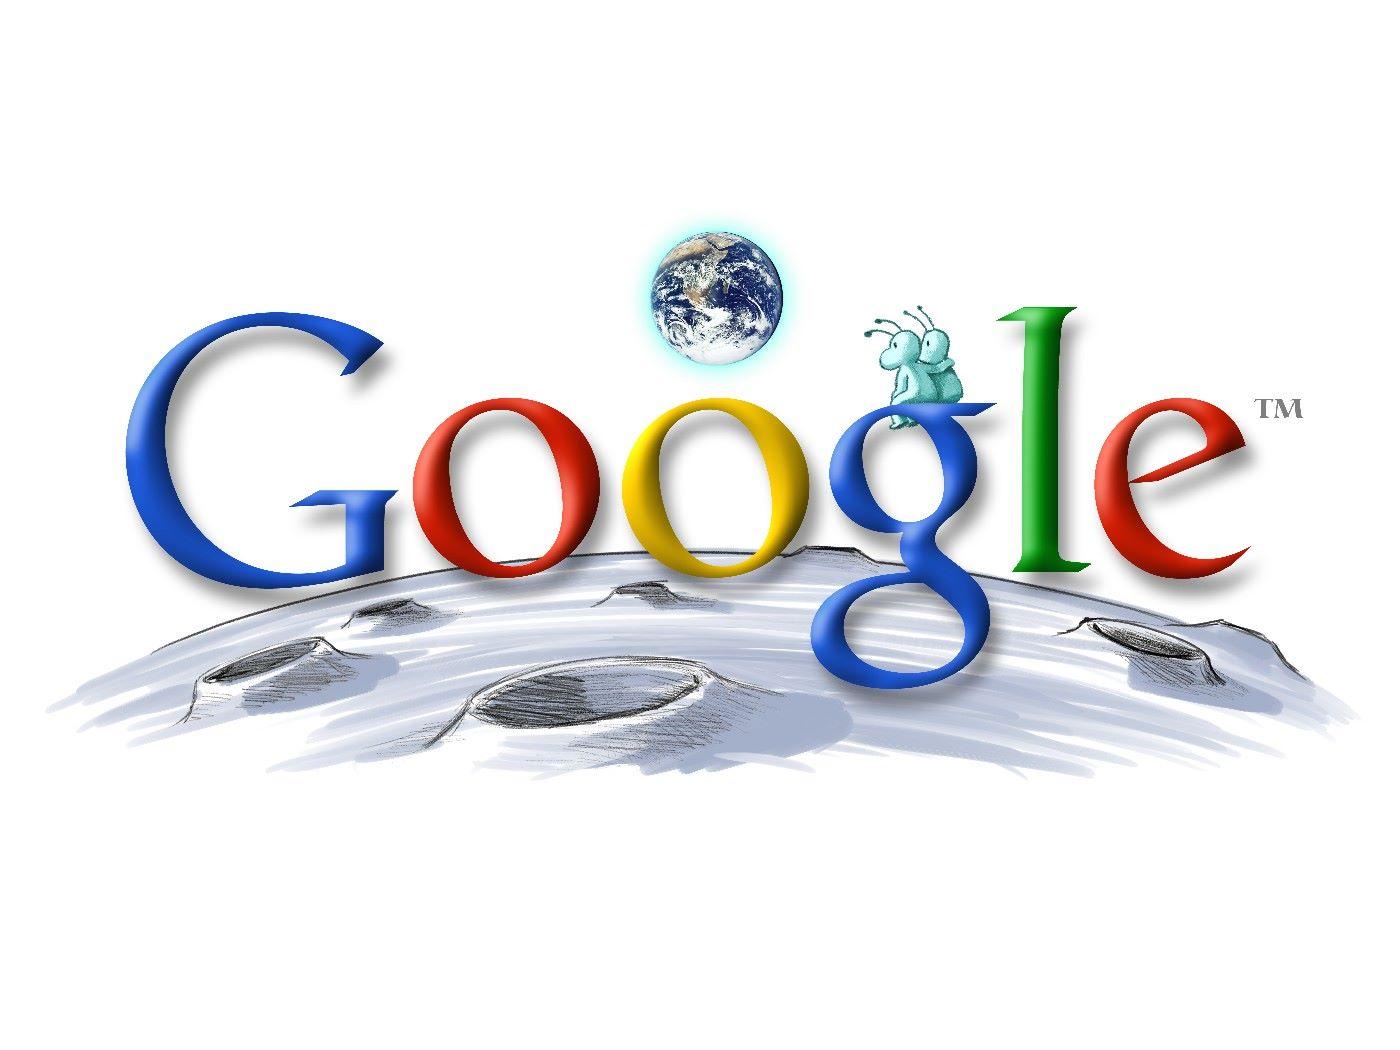 谷歌发布iOS输入法Gboard 内置谷歌搜索_凤凰科技